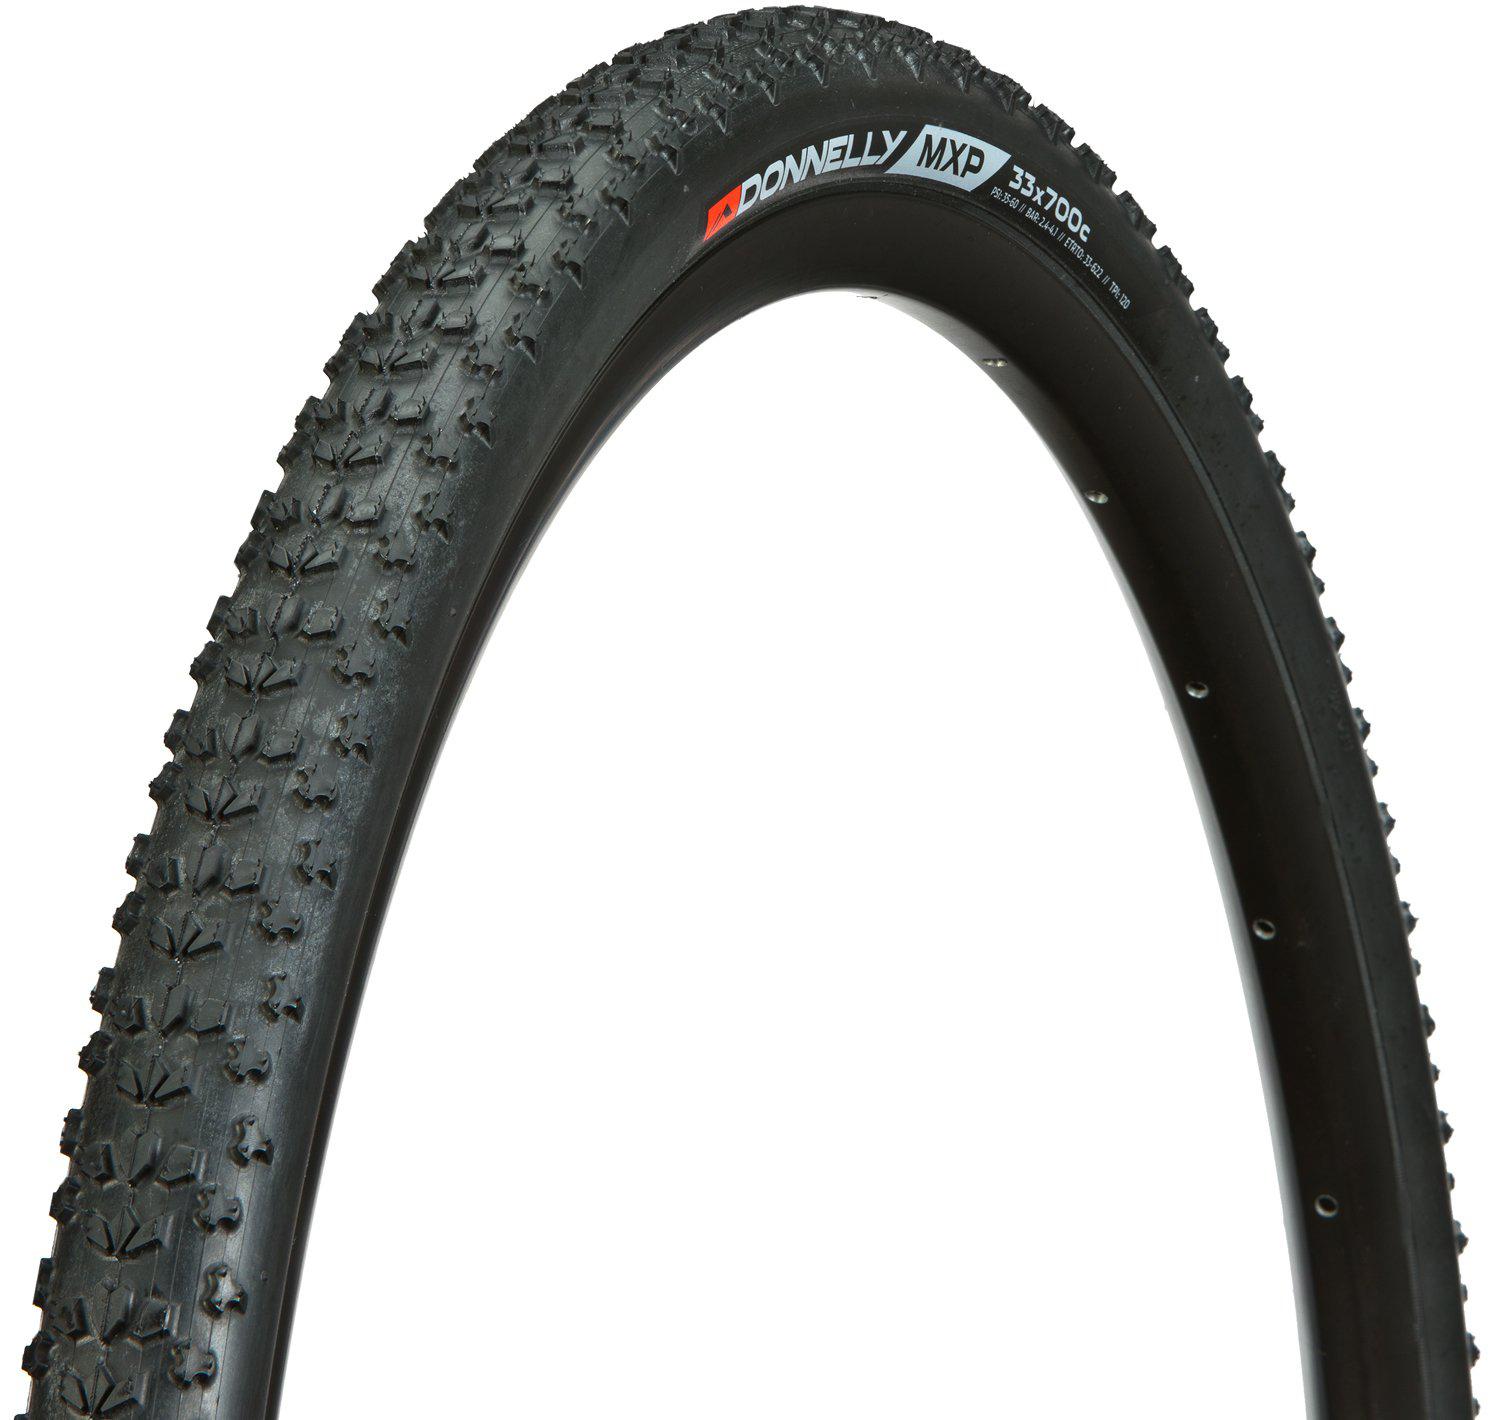 donnelly mxp 650x33c120tpi sc cx folding tyre